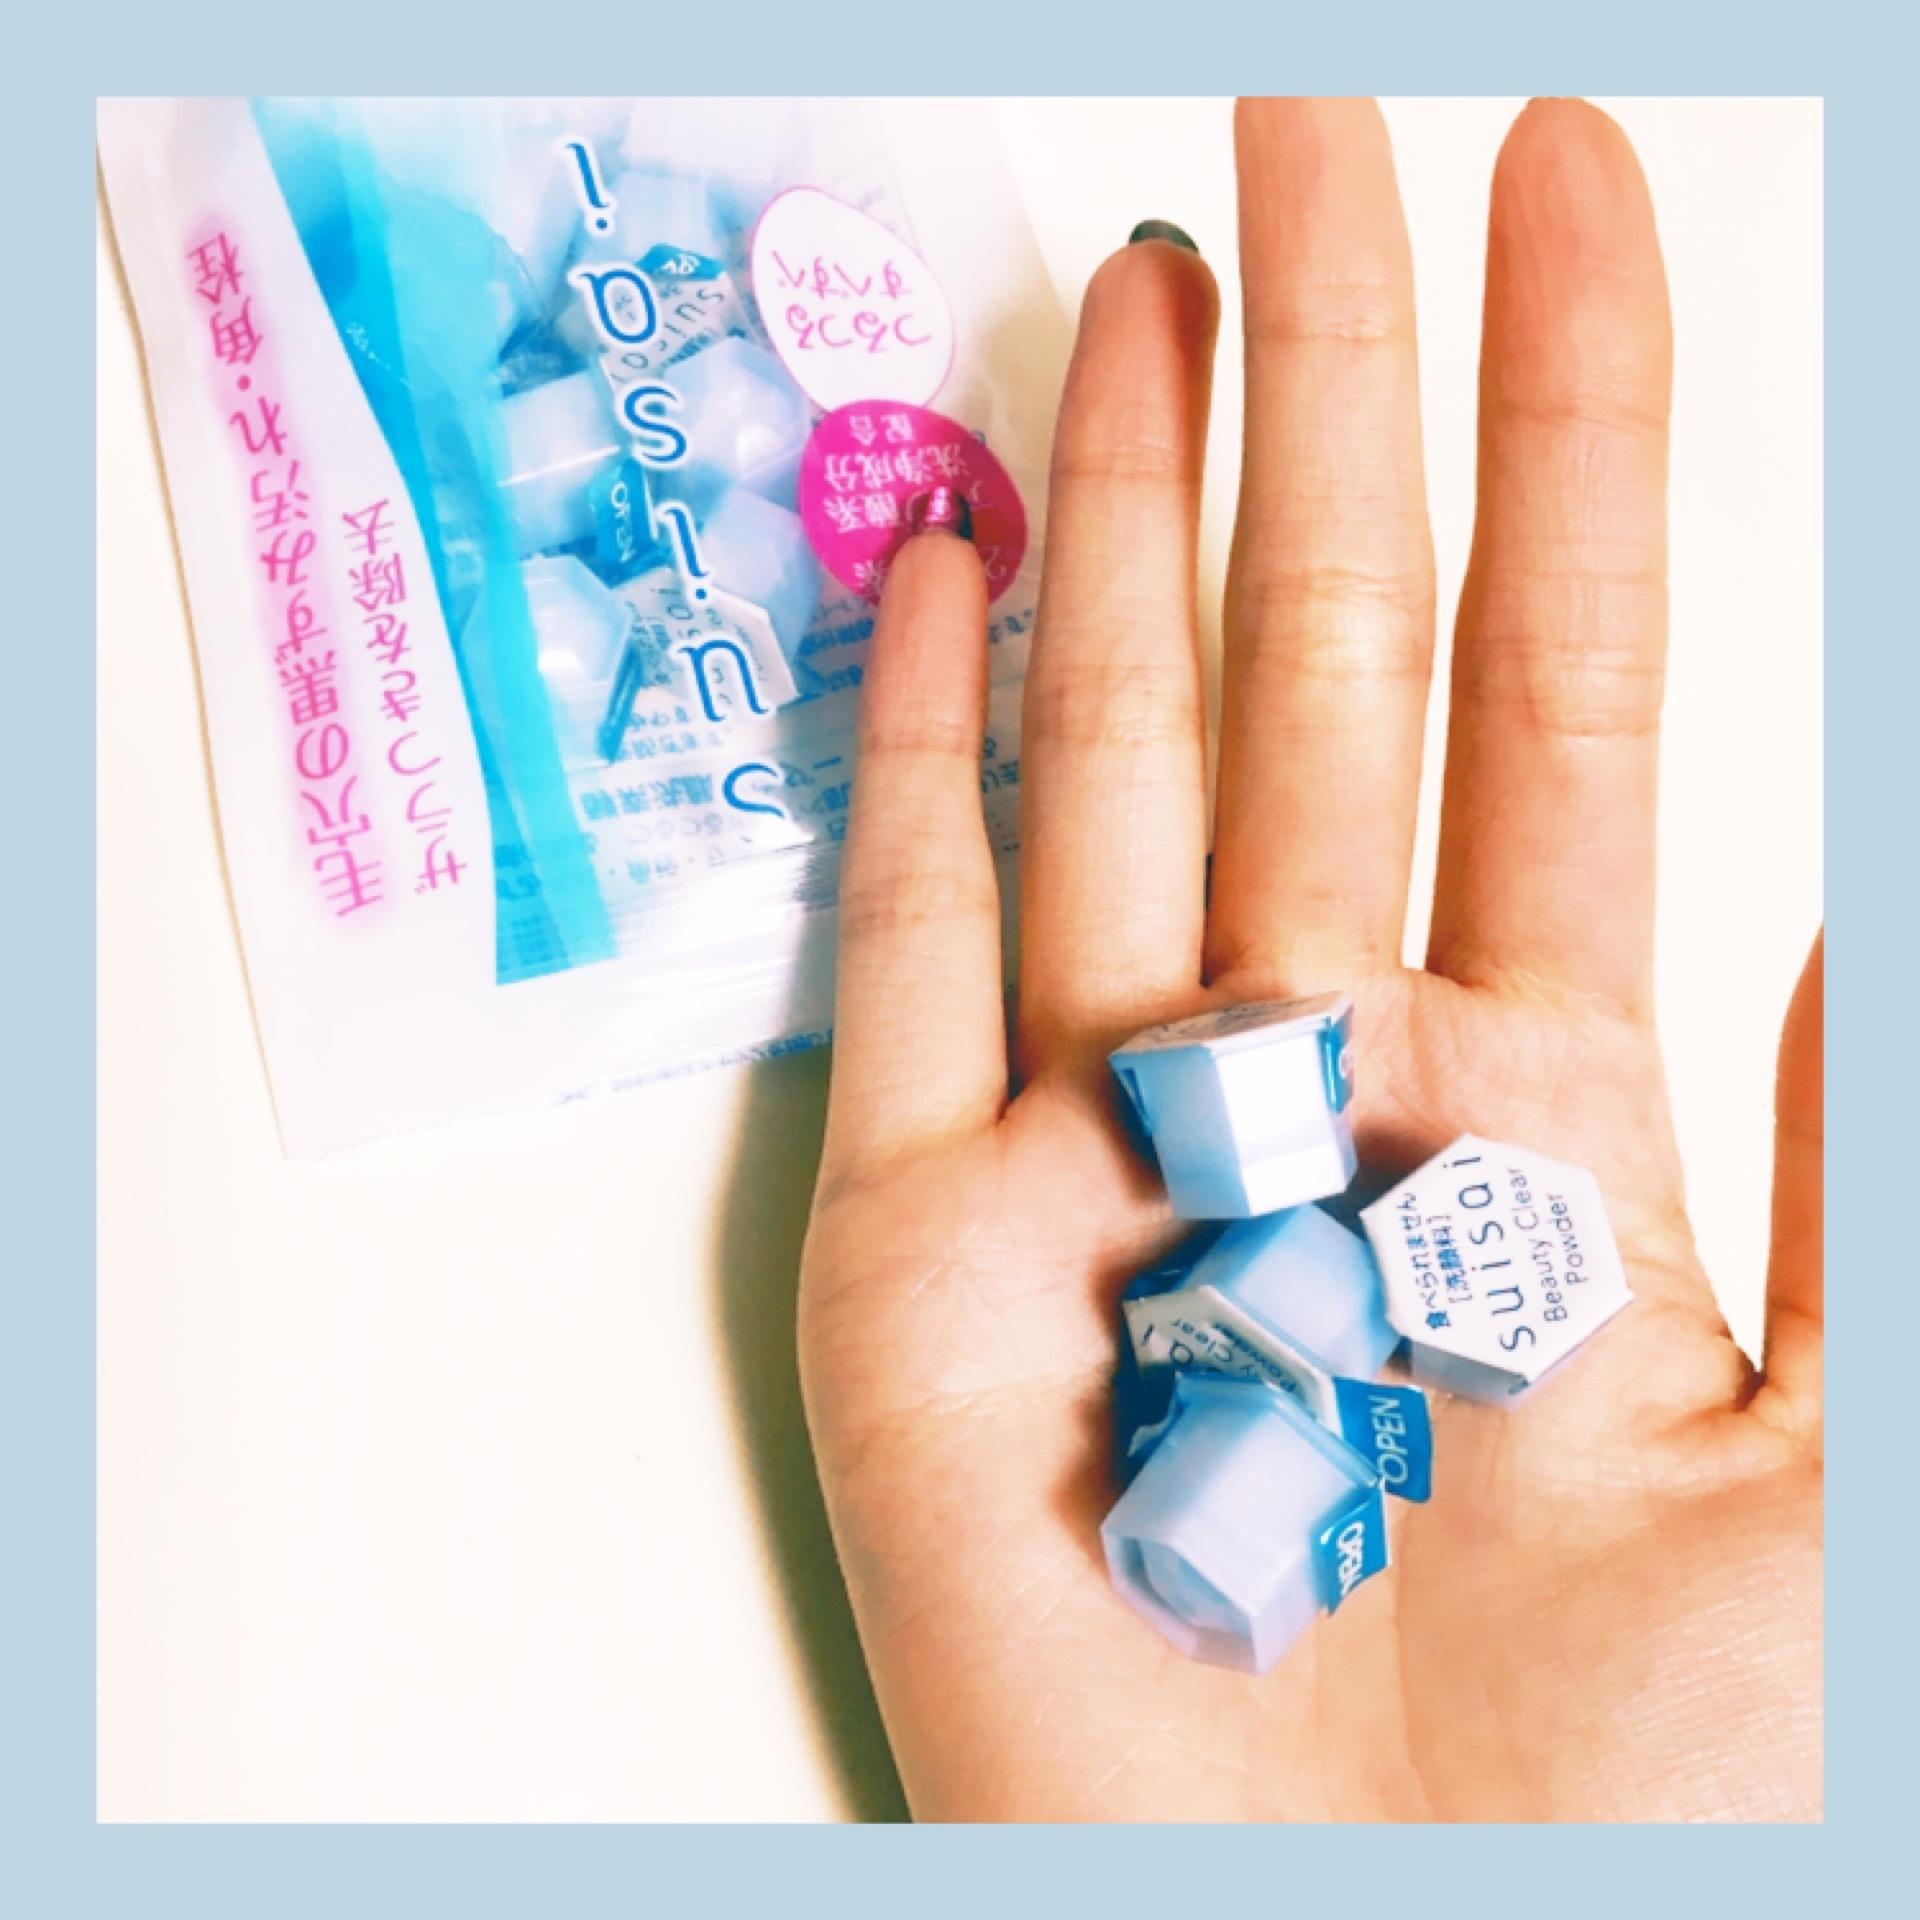 『 カネボウ suisai ローション&酵素洗顔パウダー 』1_1_3